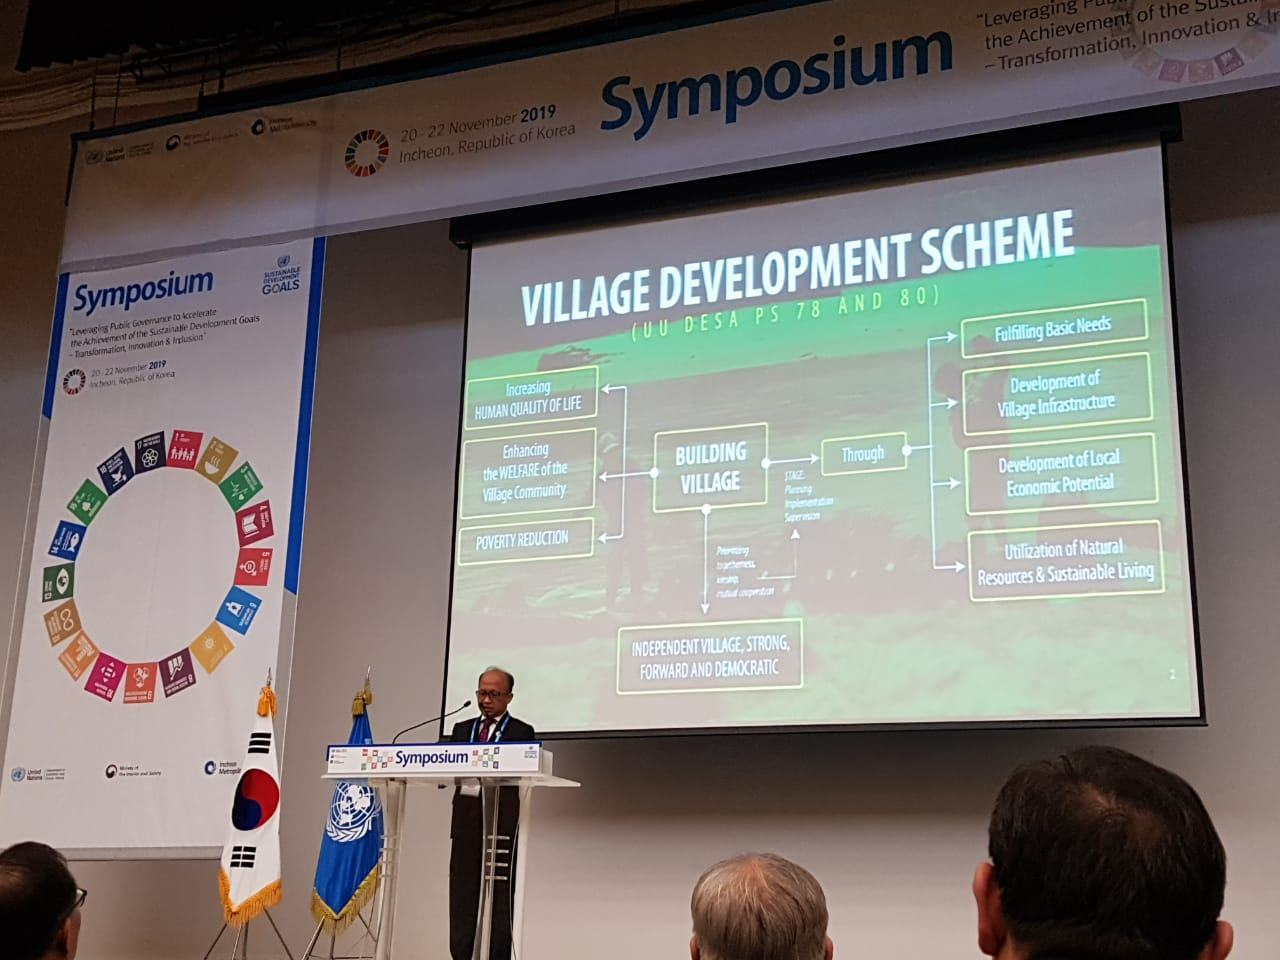 Kemendesa, Representasikan Komitmen Indonesia untuk Pencapaian SDGs 2030